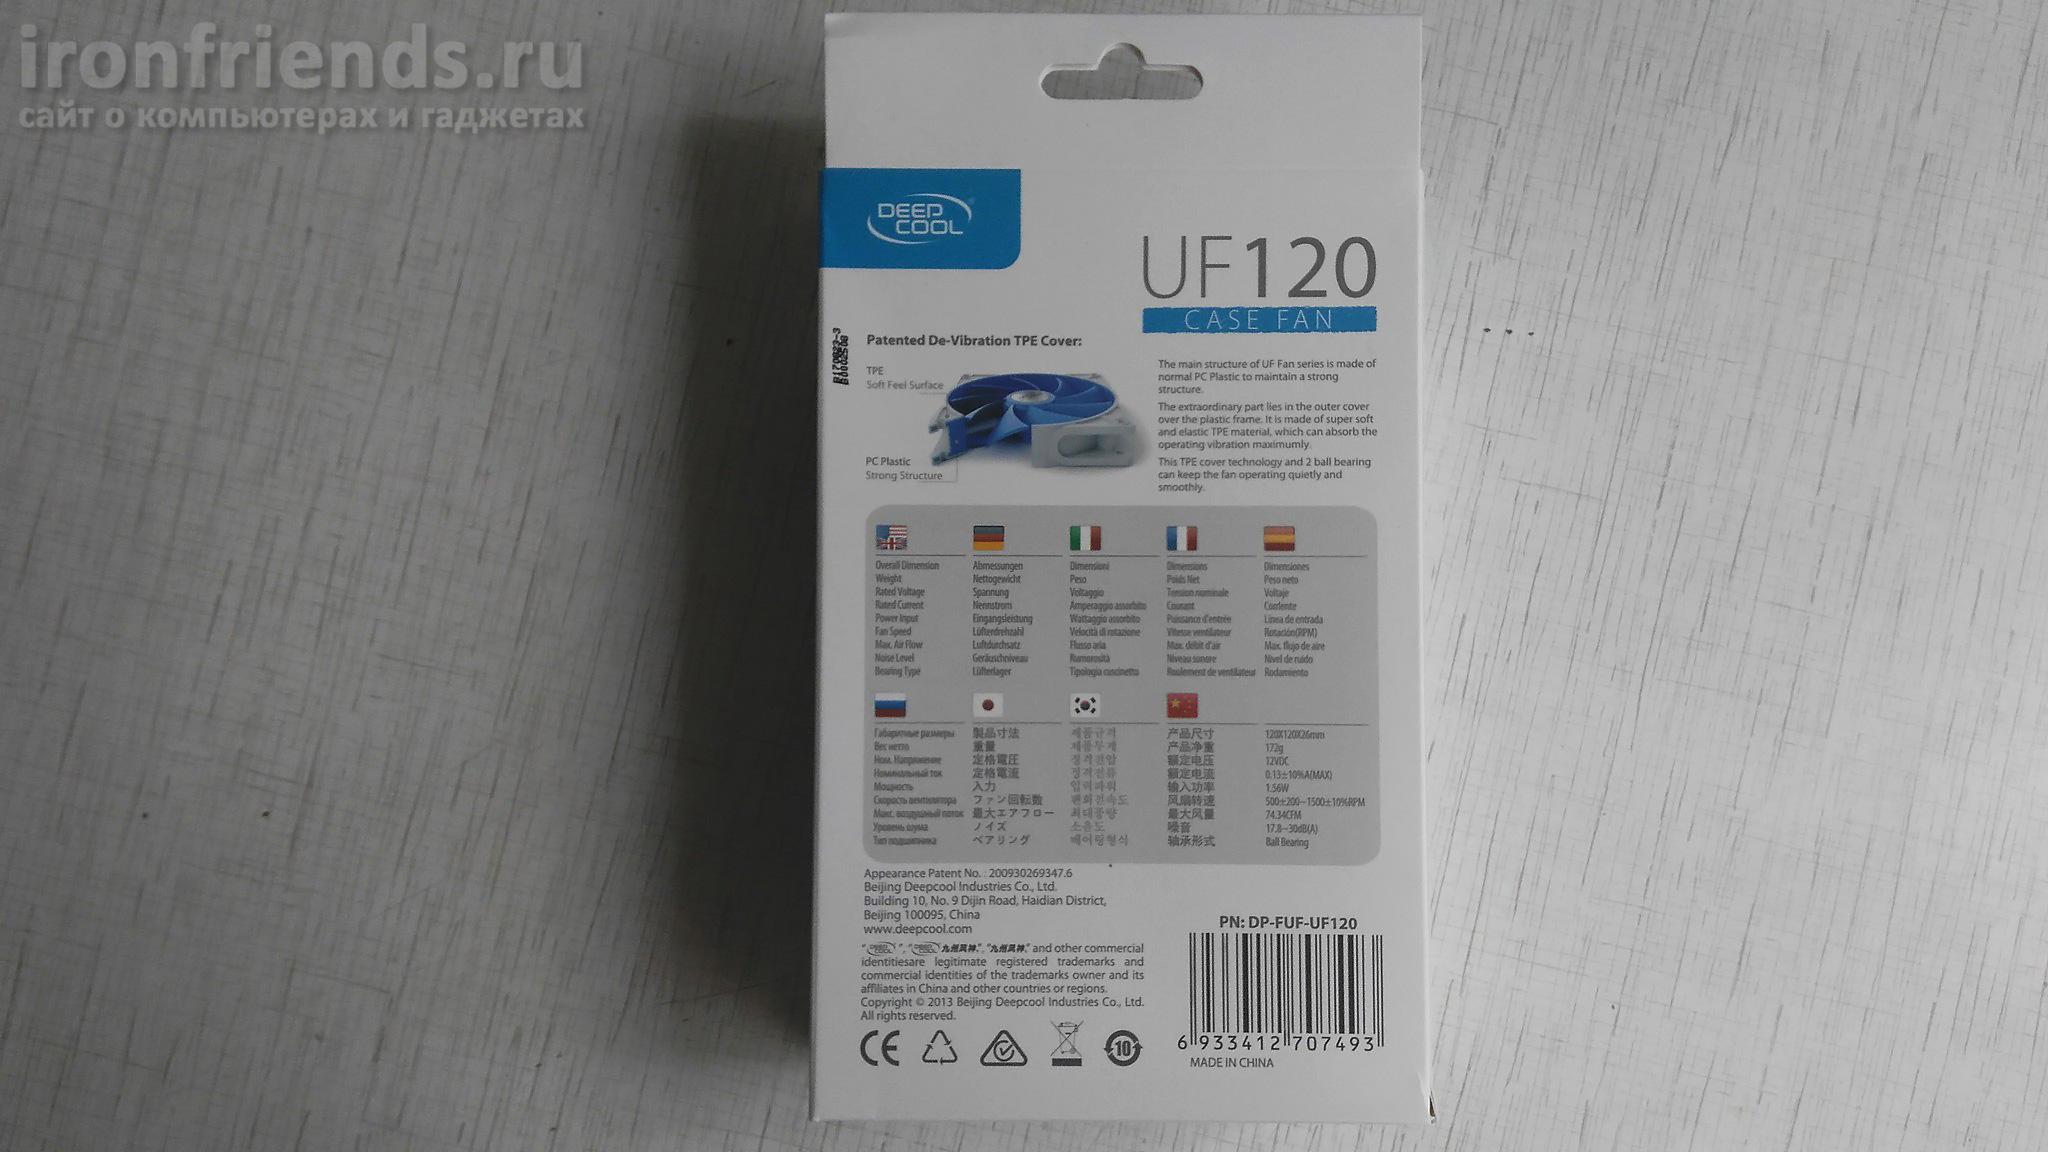 Характеристики DeepCool UF120